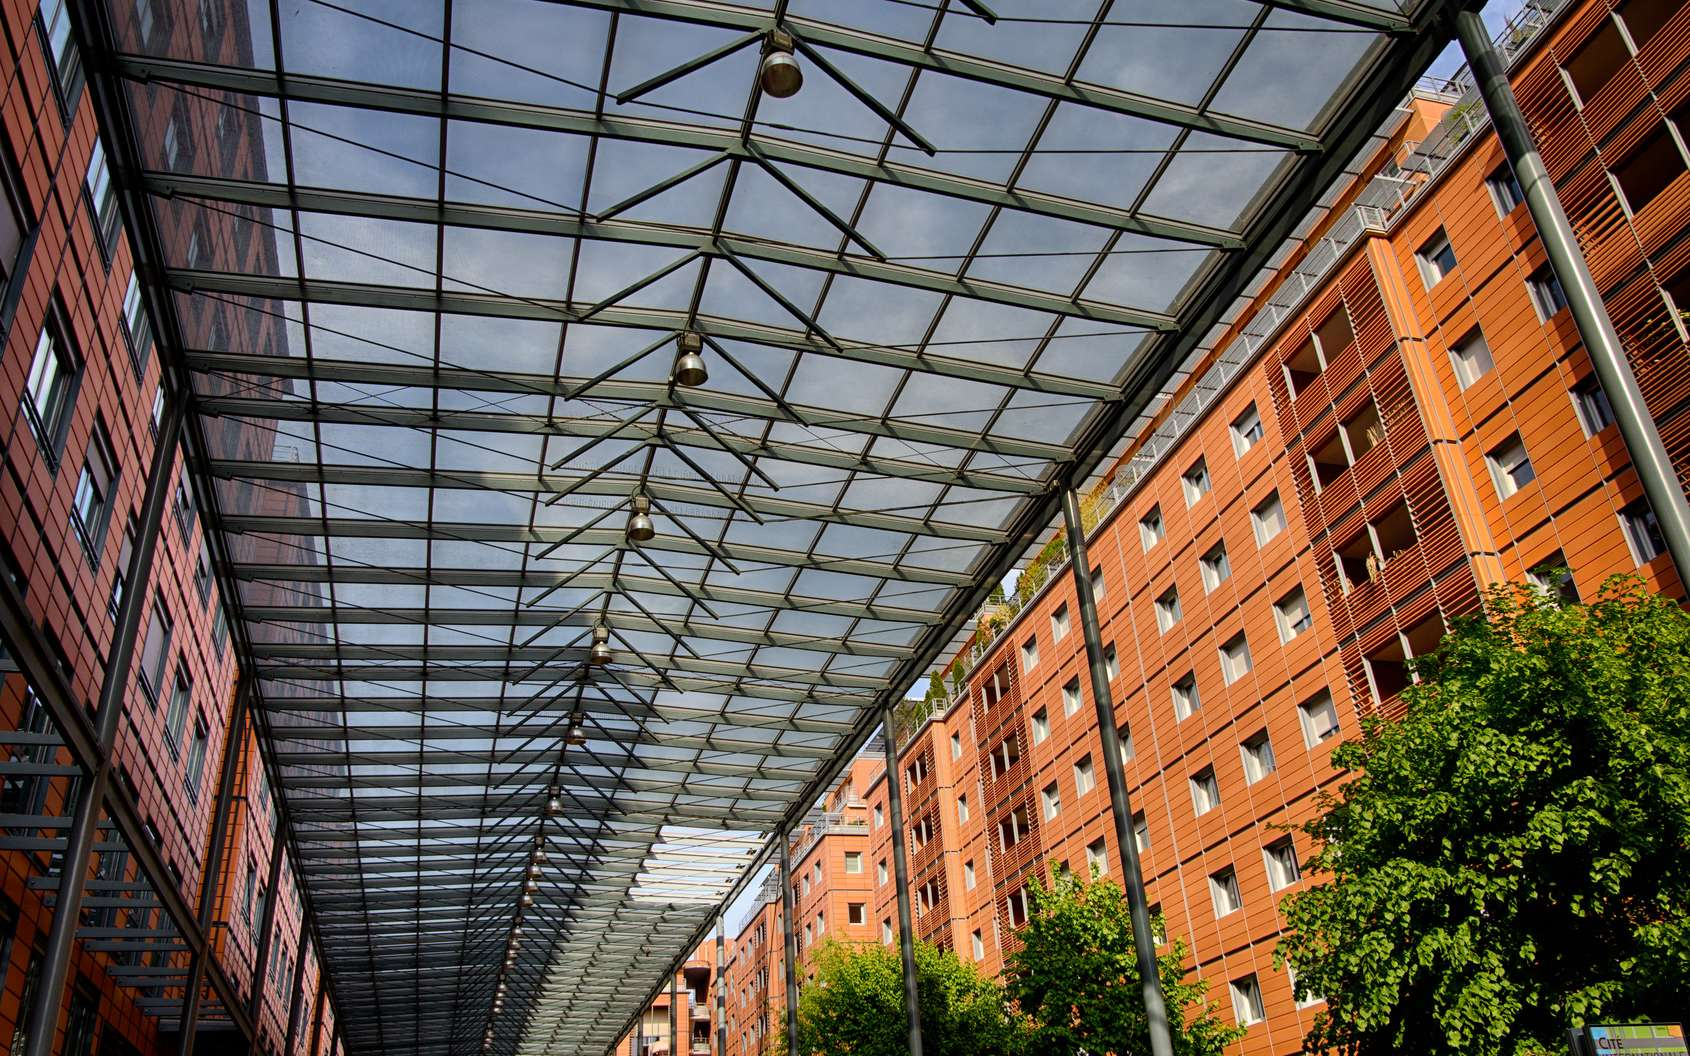 La Cité internationale de Lyon abrite habitations, bureaux, espaces culturels et touristiques. L'ensemble est organisé autour d'une rue piétonne intérieure semi-couverte. © MangAllyPop@ER, Fotolia